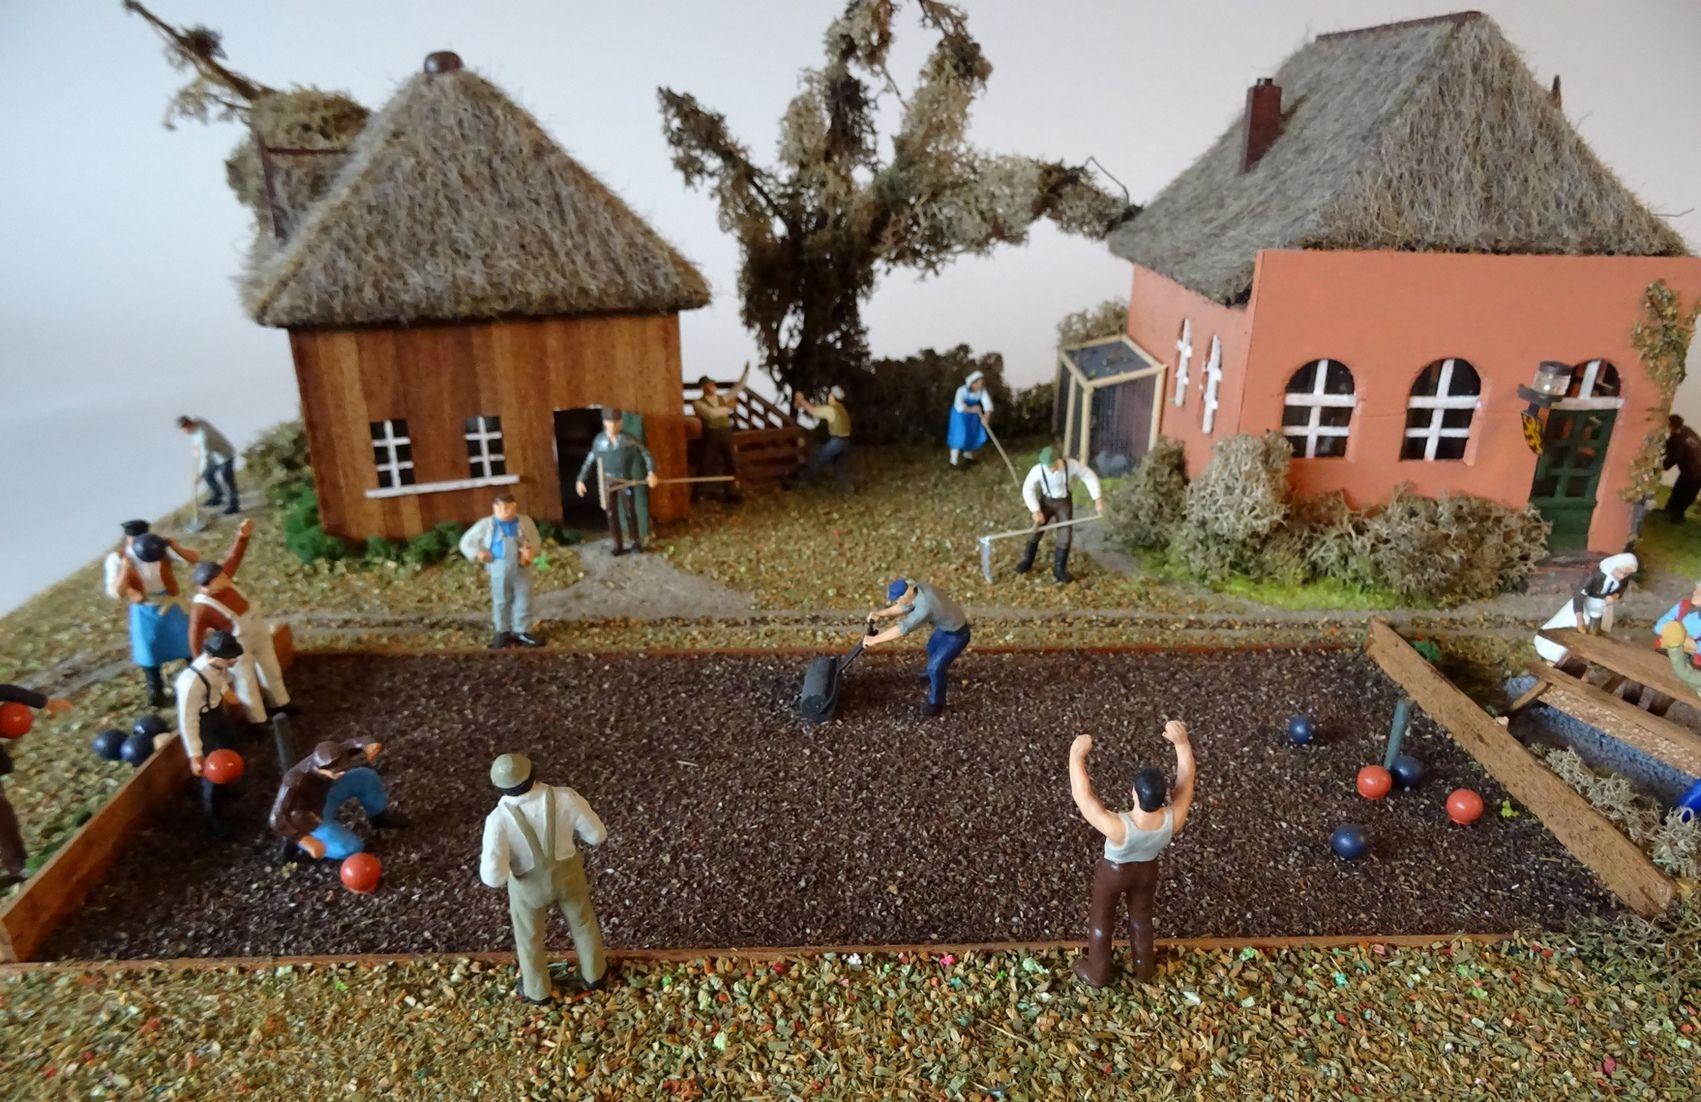 Maquette van het krulbolspel, vervaardigd door P. Lindhout.